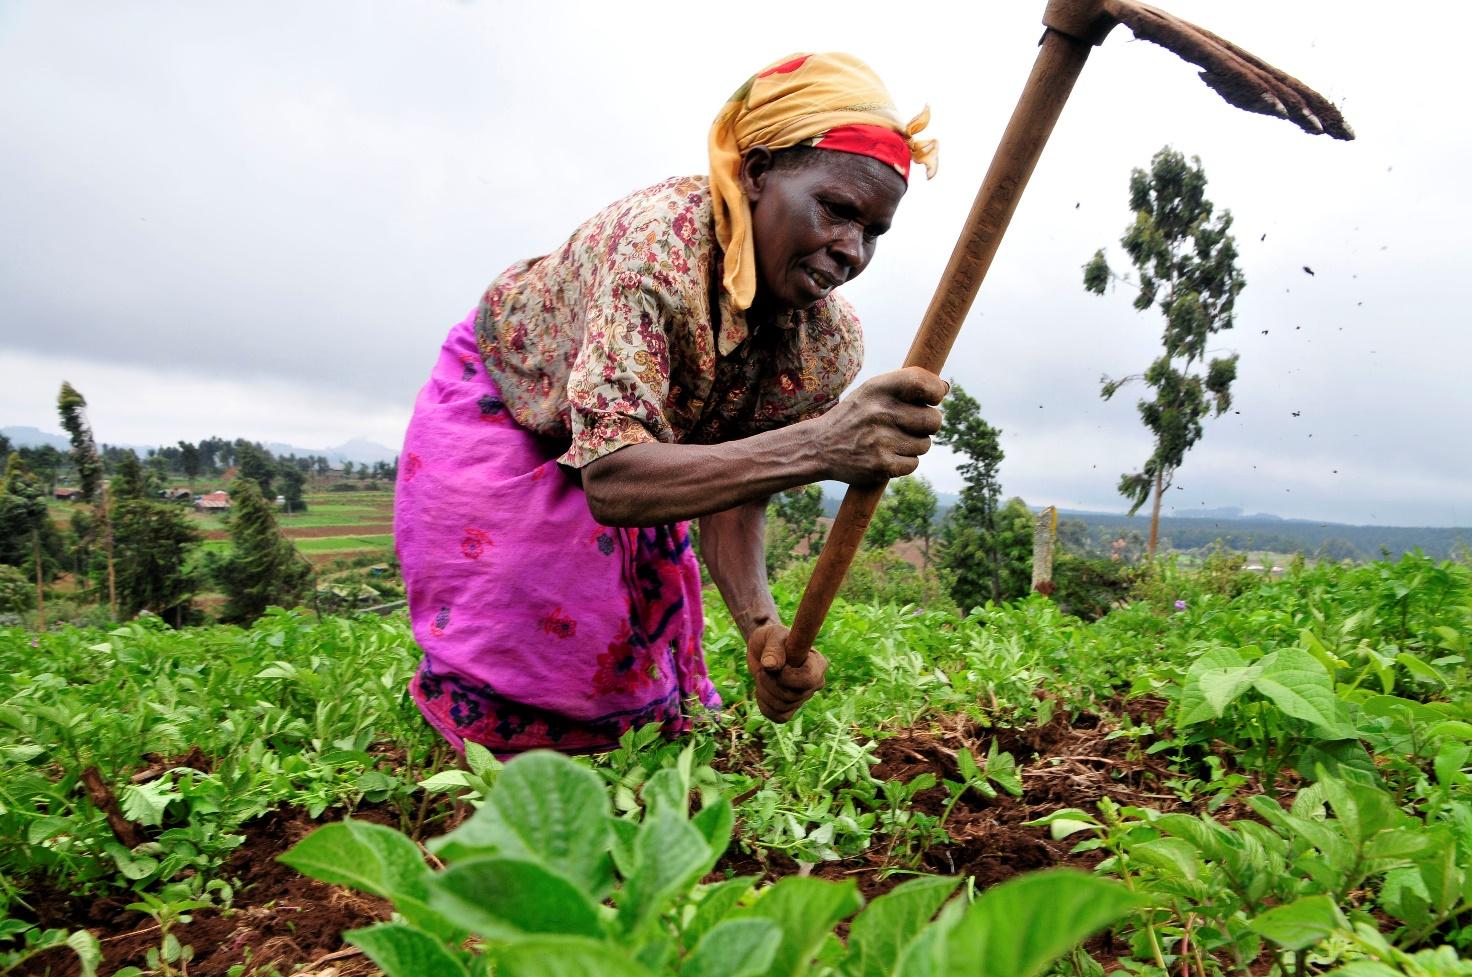 sviluppo economico sostenibile